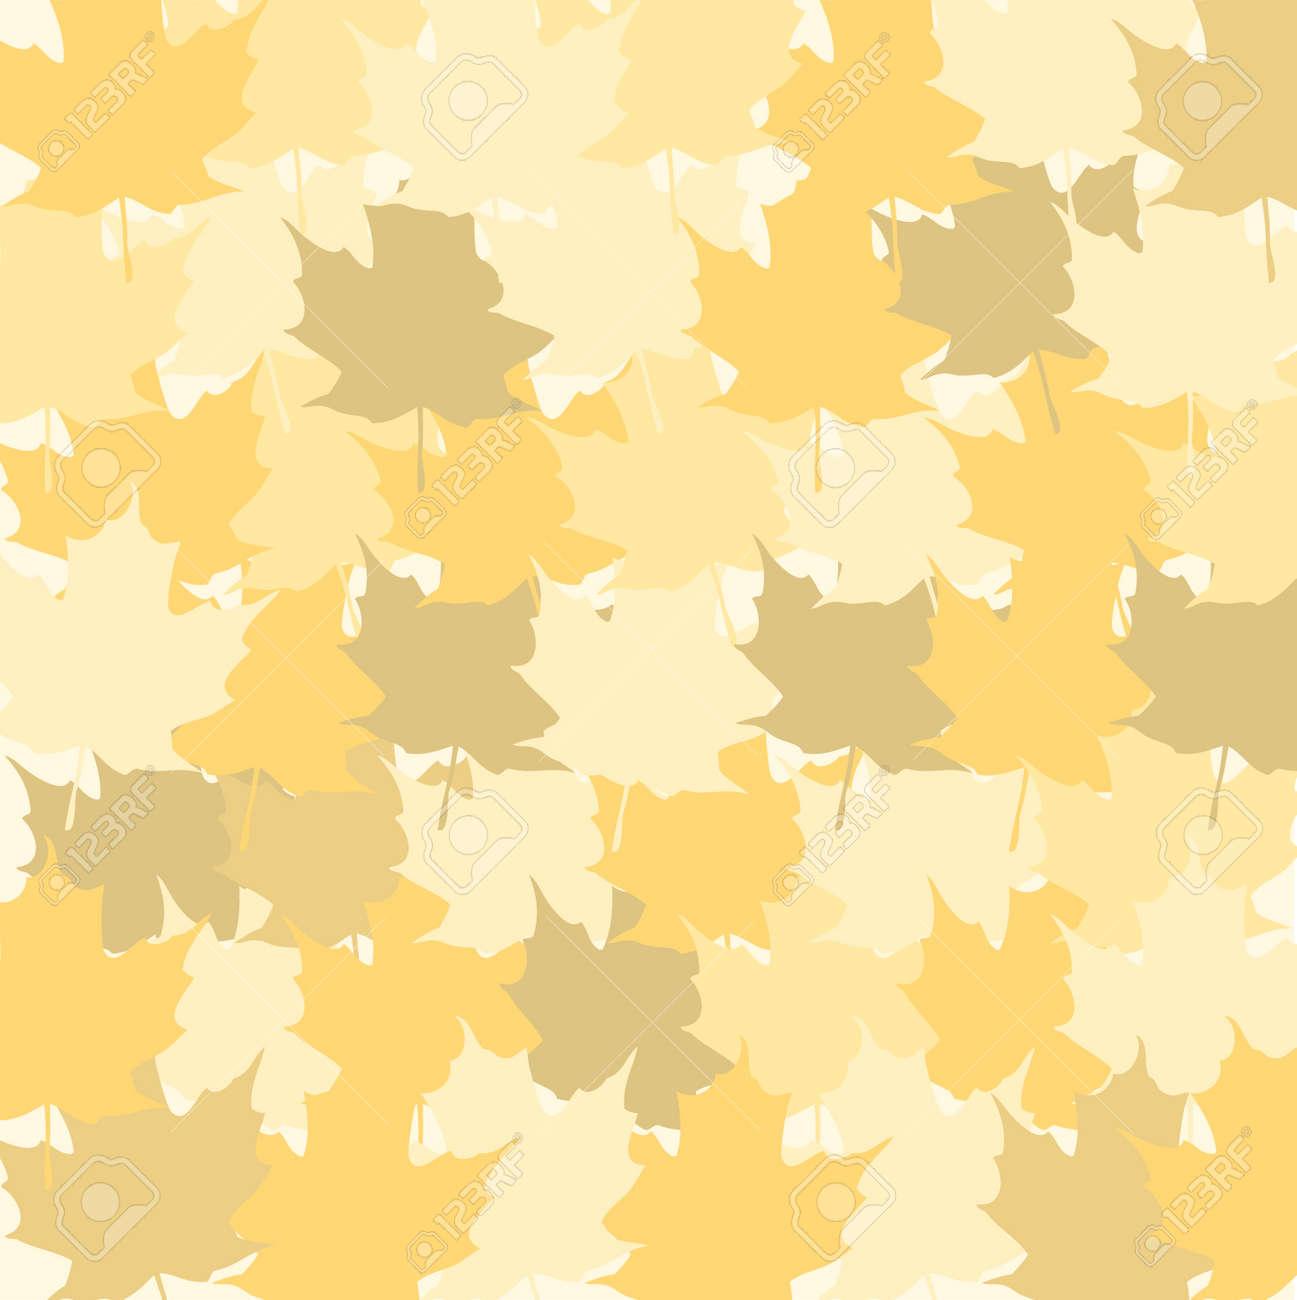 色とりどりの乾燥した秋の葉の背景。秋の背景ベクトル イラスト